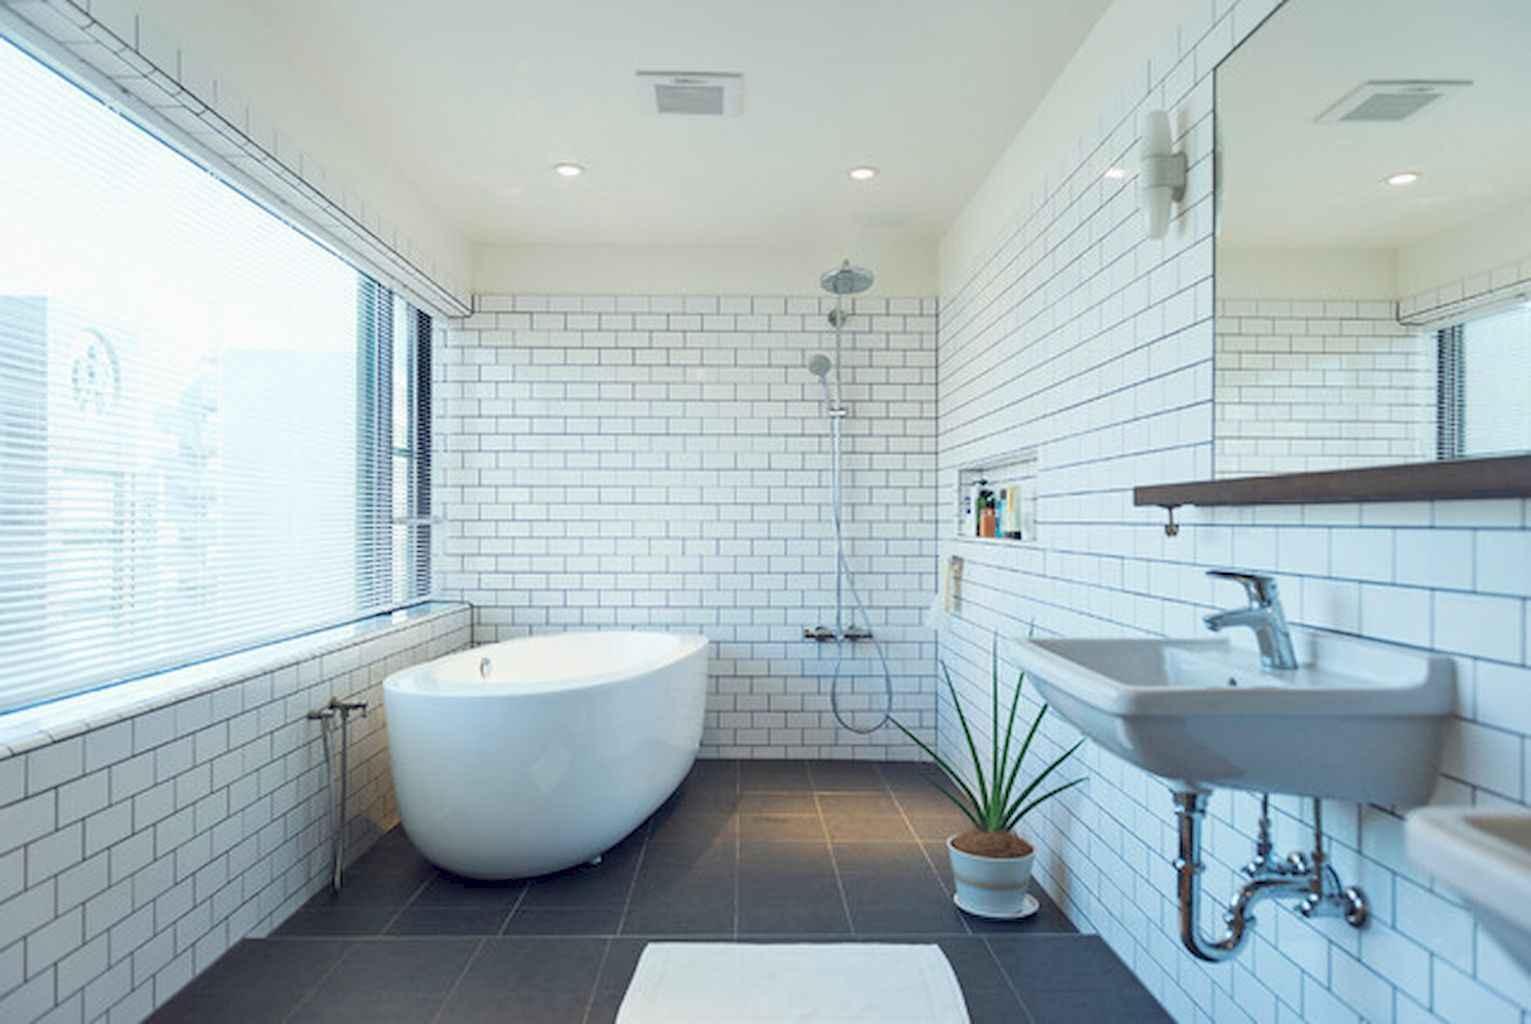 150 stunning farmhouse bathroom tile floor decor ideas and remodel ...